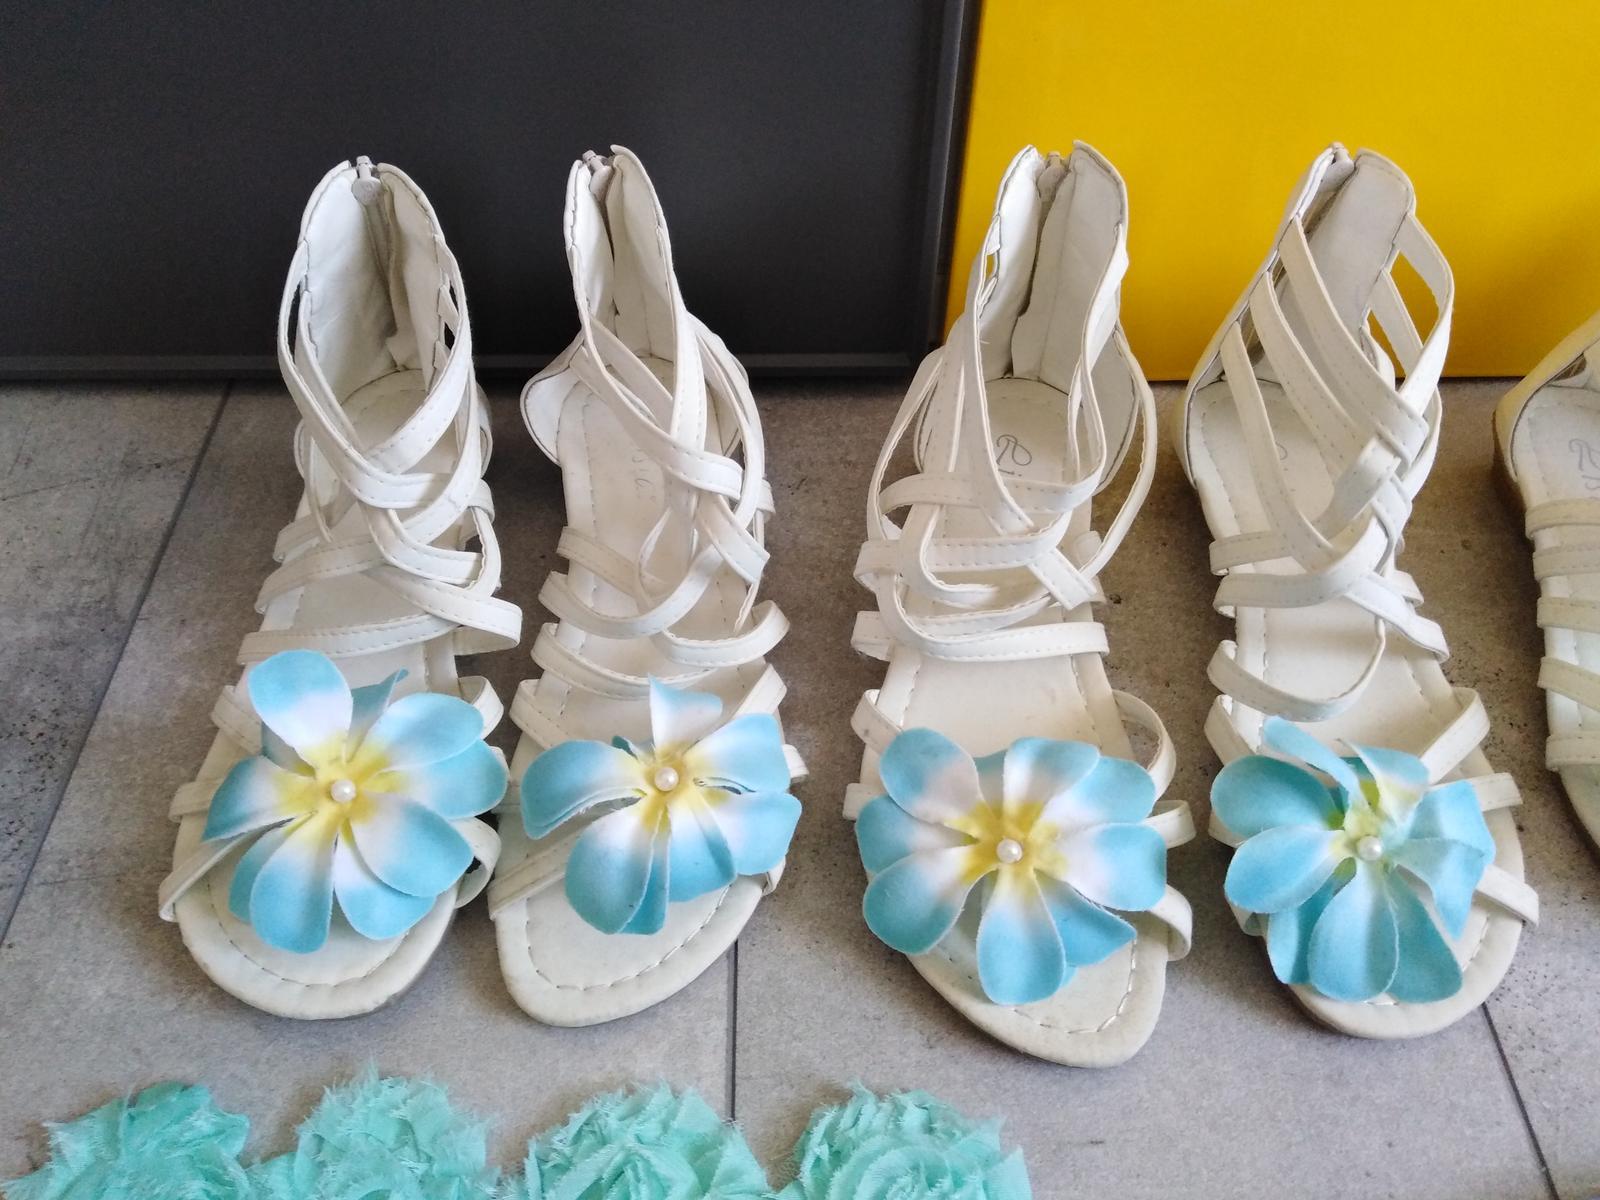 Dívčí boty na svatbu - Obrázek č. 3